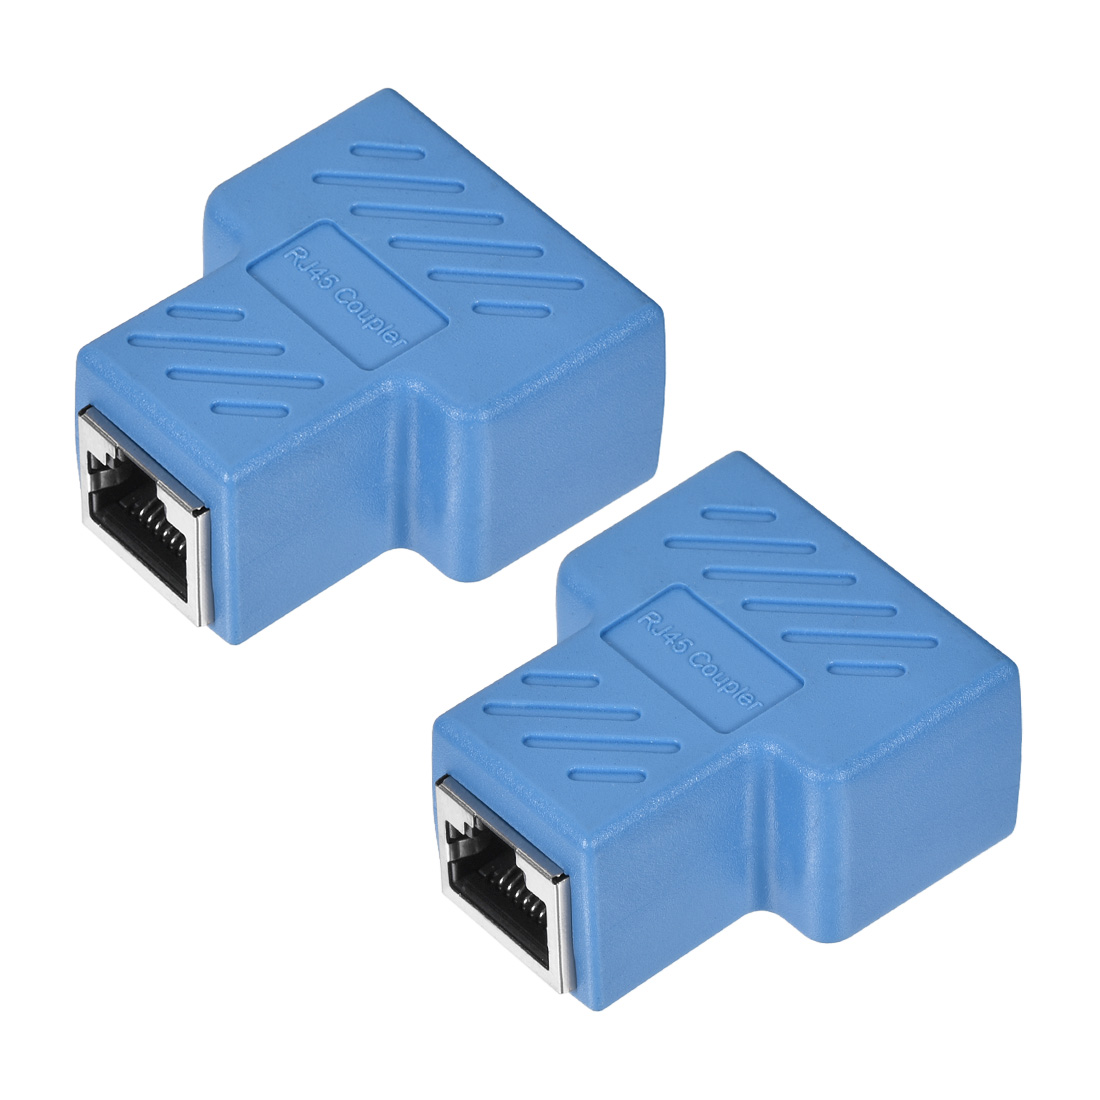 RJ45 Coupler Inline Connector Cat7 Cat6 Cat5e Cable 44x36x21mm Blue 2Pcs